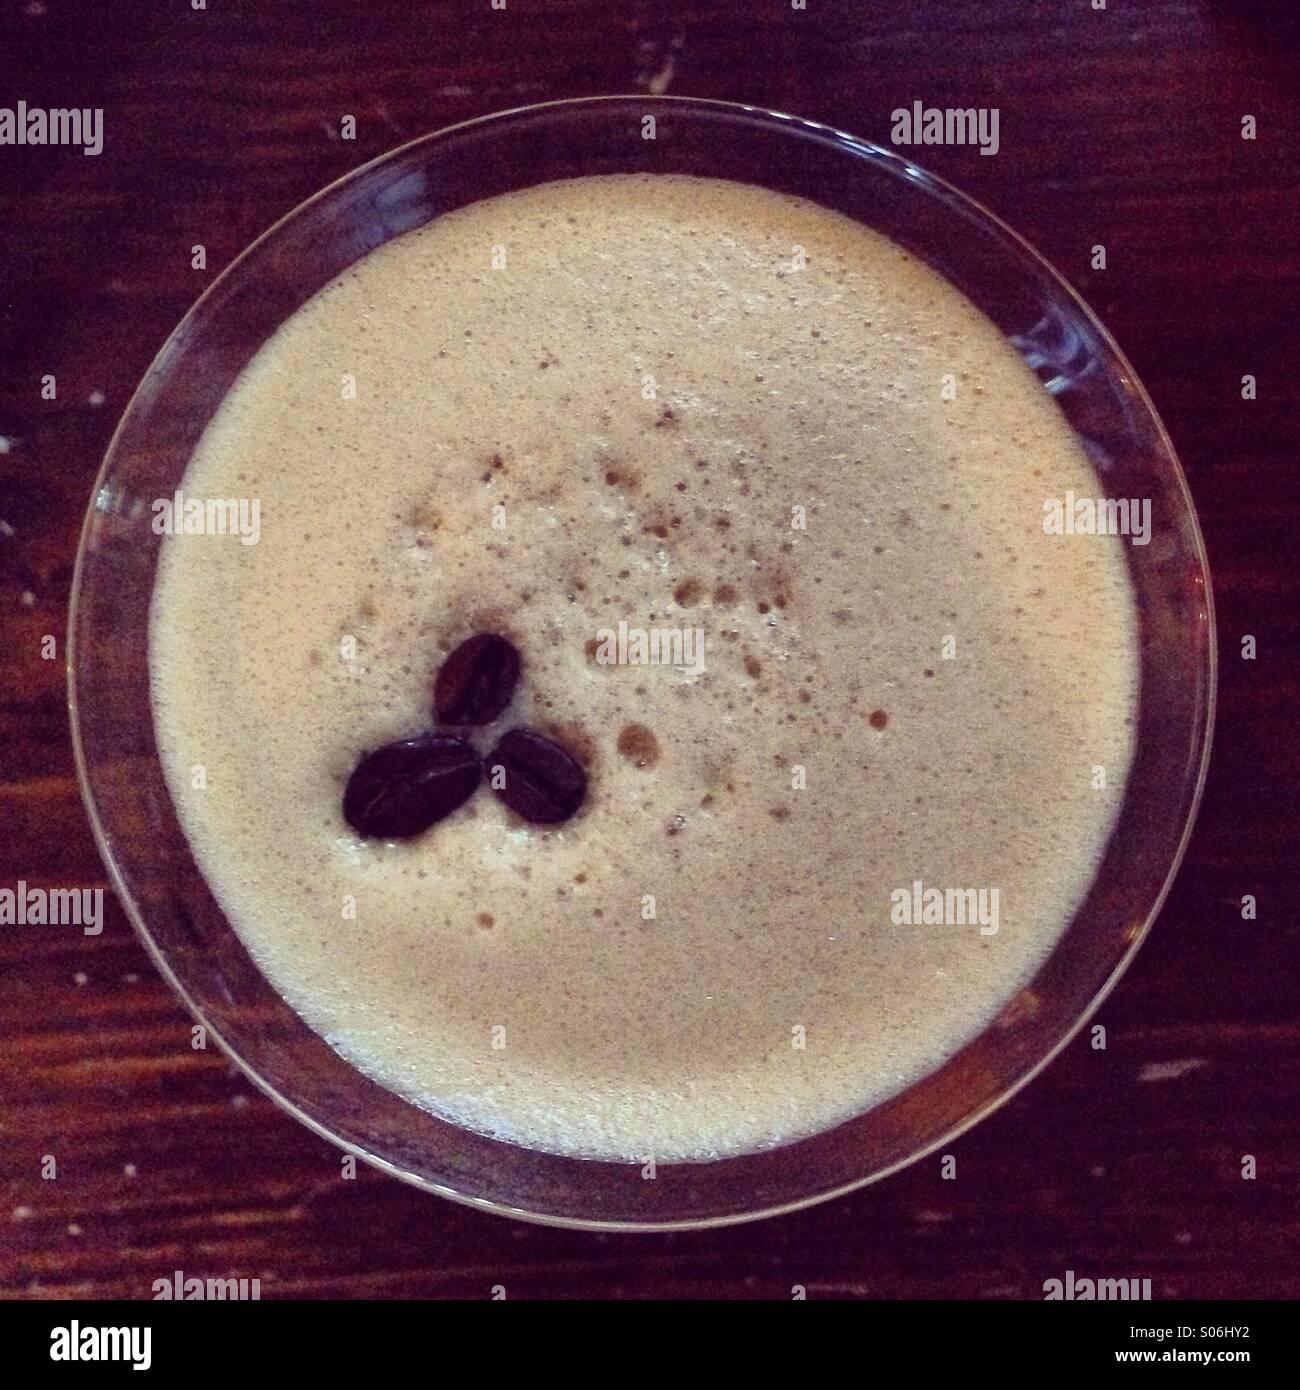 Espresso martini - Stock Image